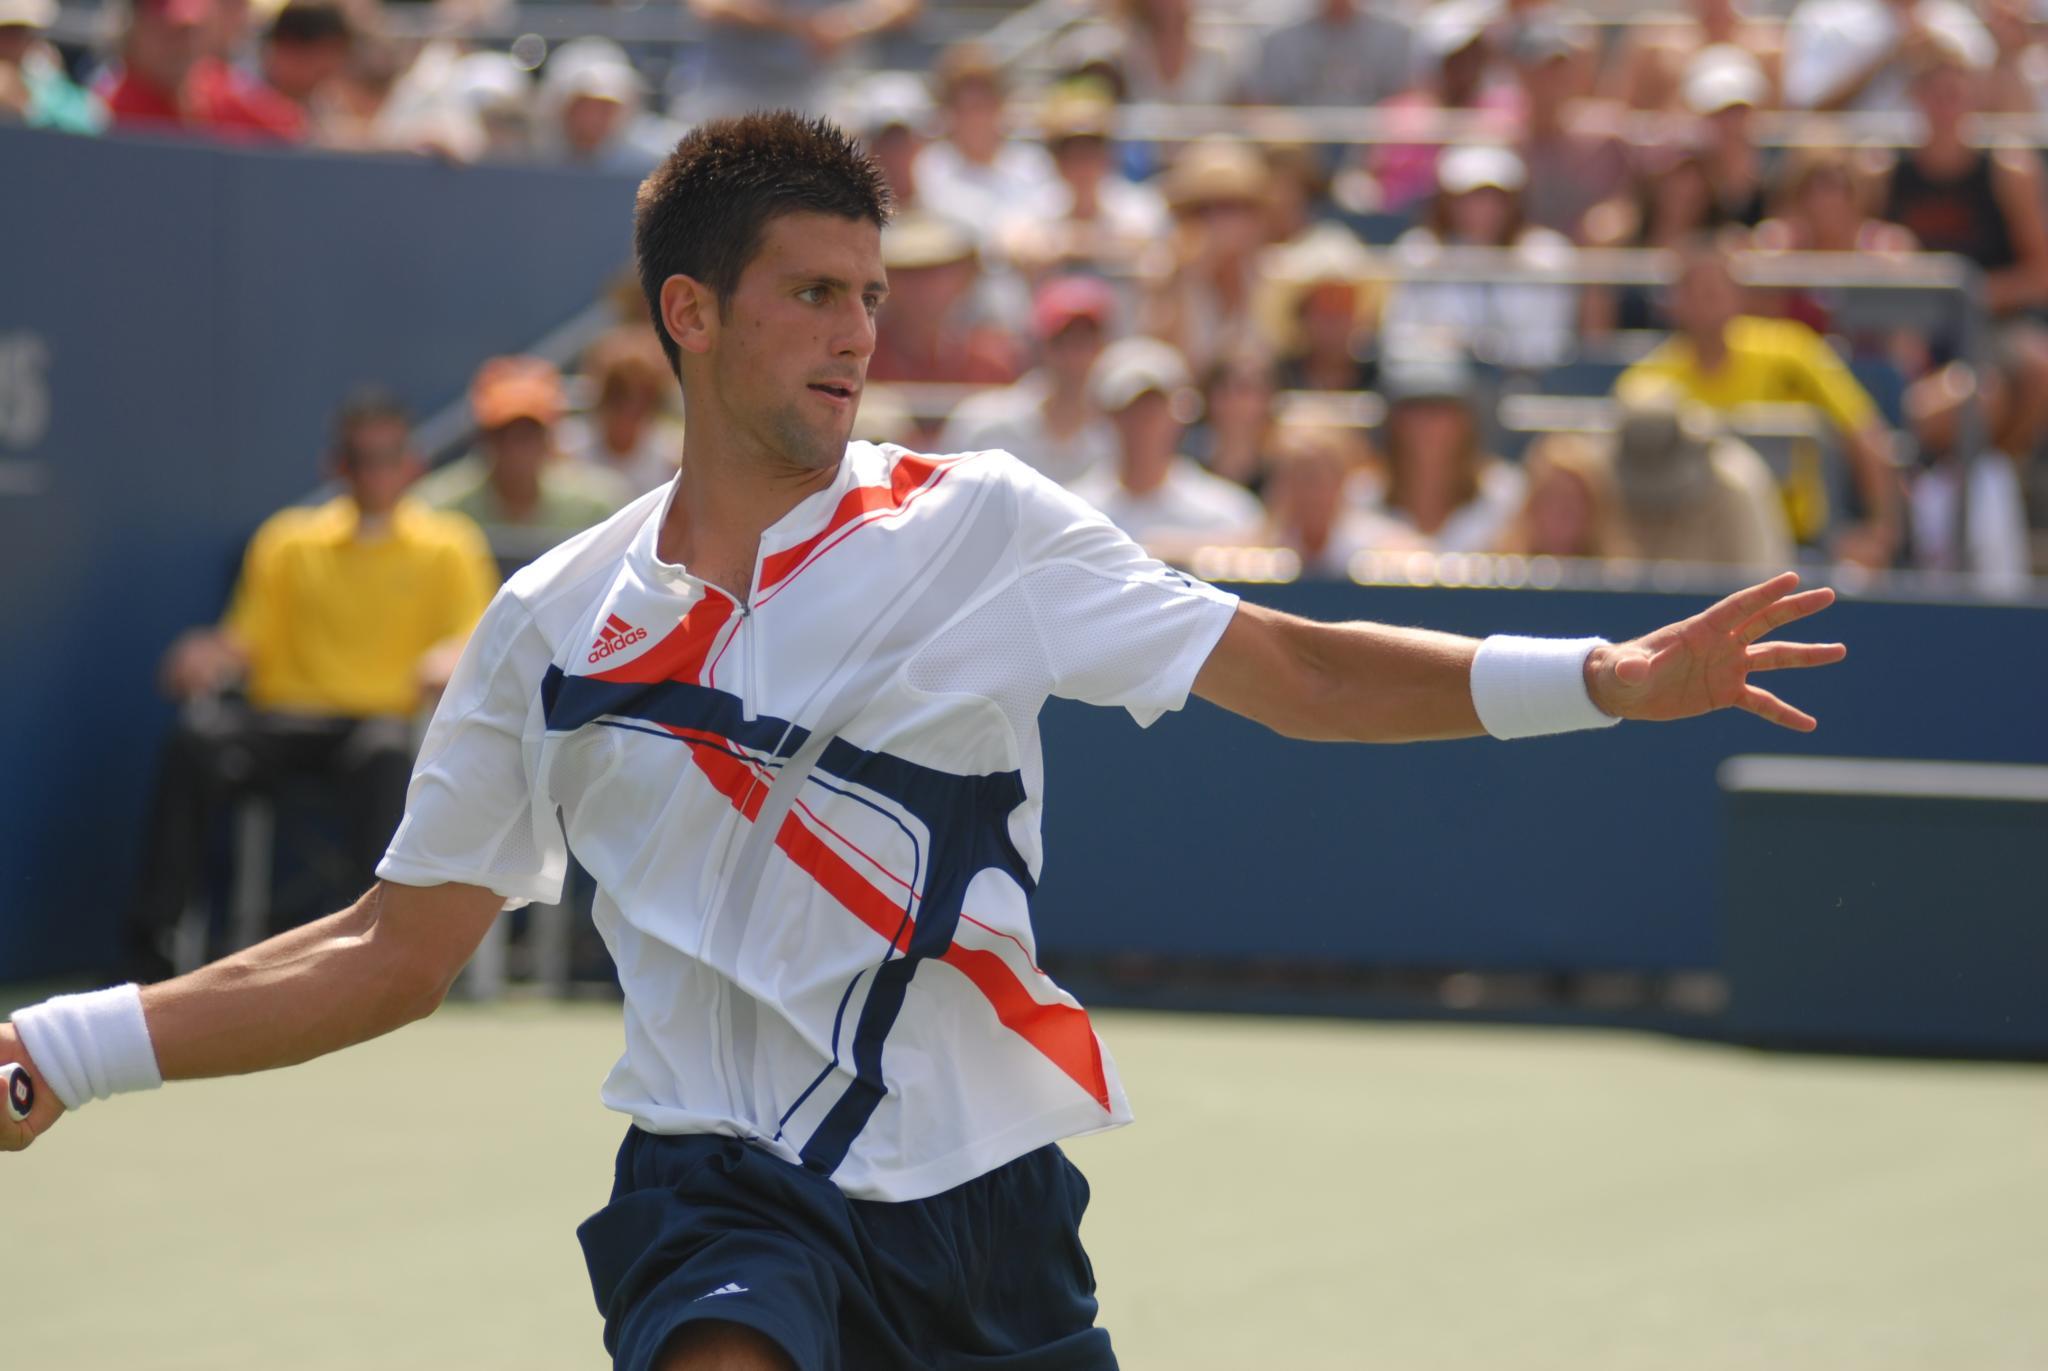 El Gran Nole Djokovic